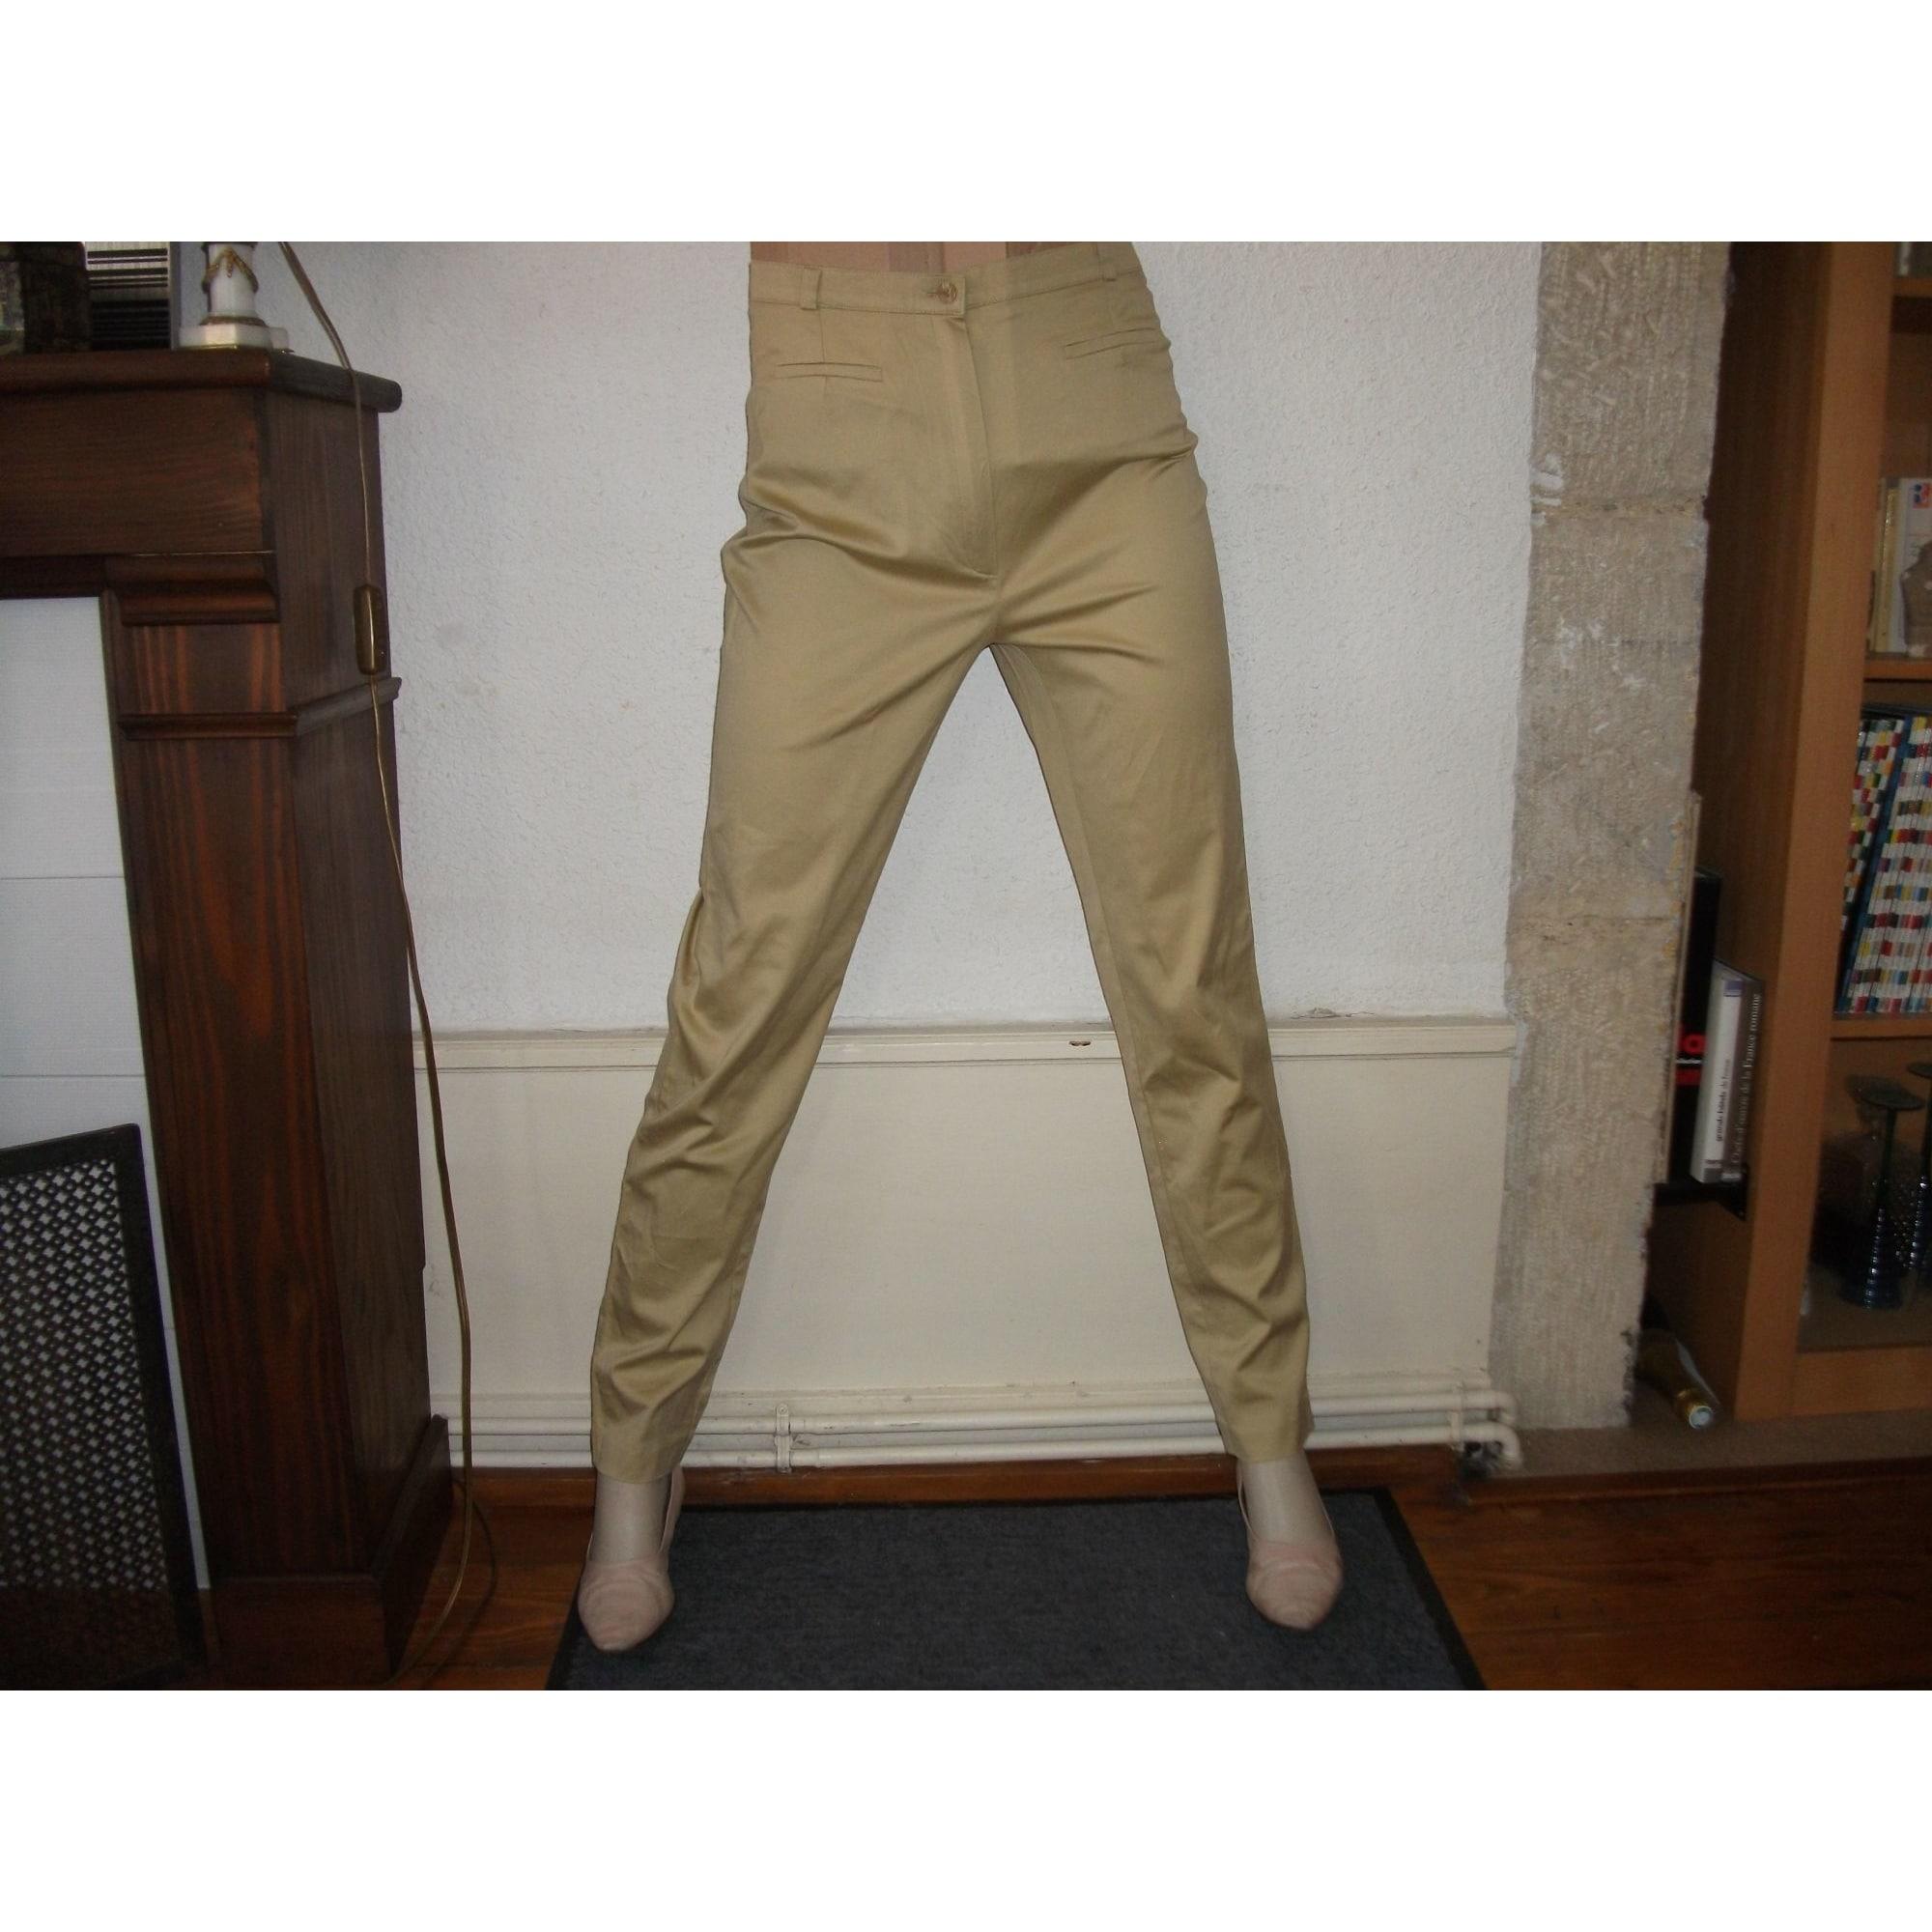 Pantalon slim, cigarette 22 OCTOBRE DE STRELLI Doré, bronze, cuivre